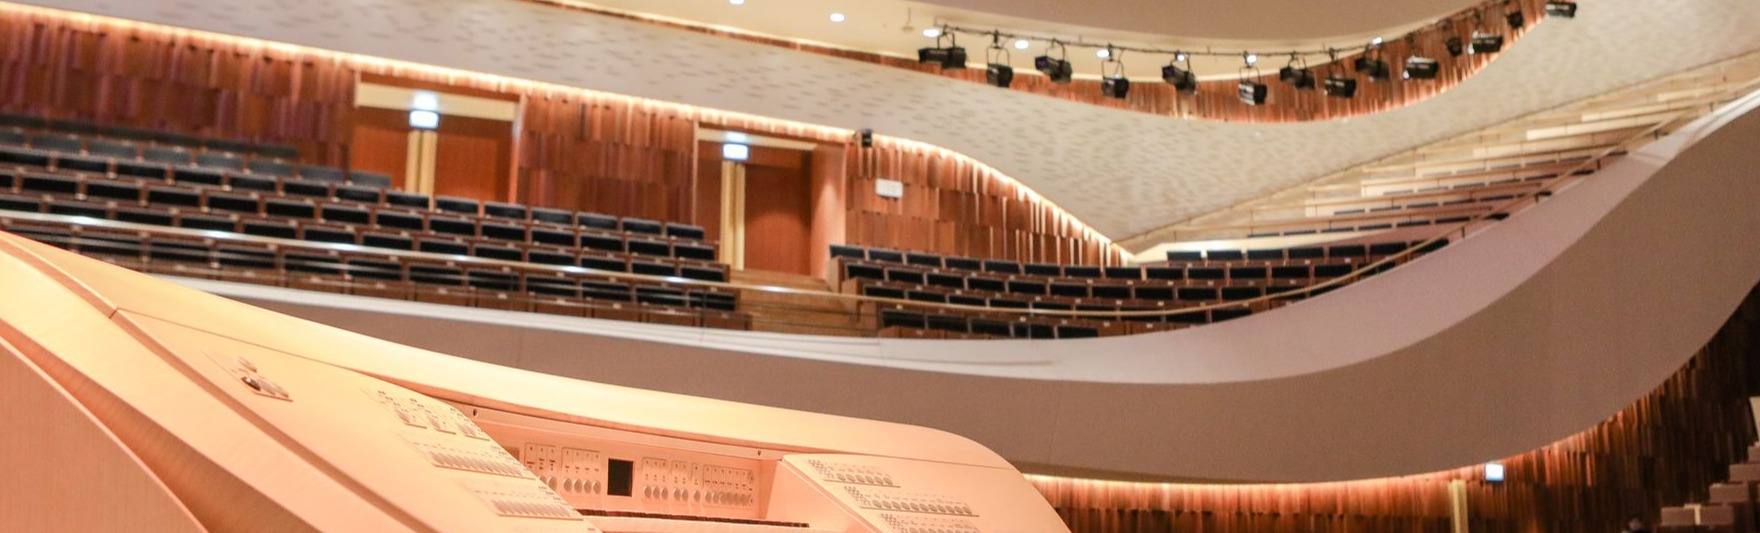 Инаугурация концертного органа